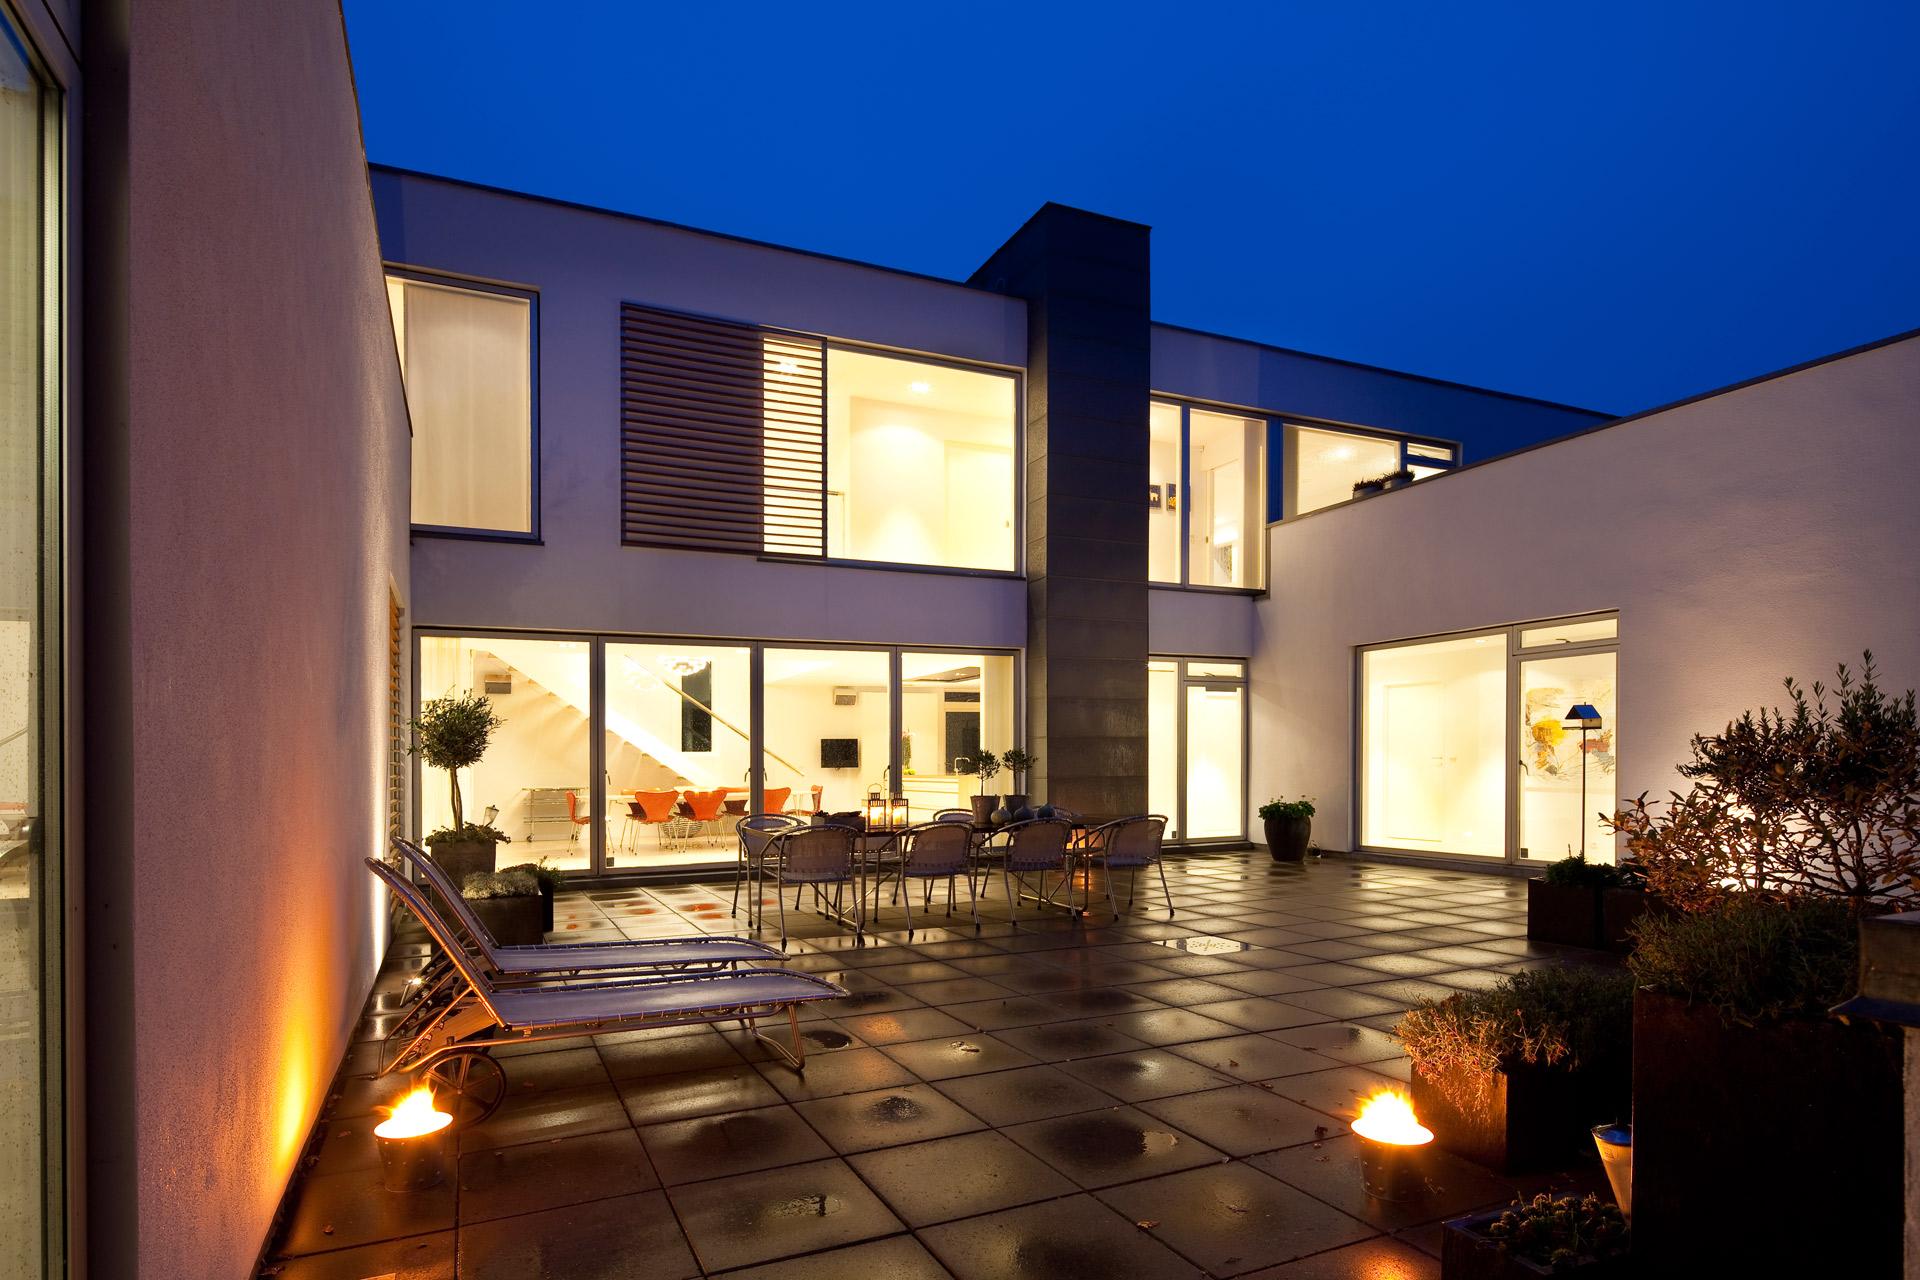 Arkitekturbillede-med-aftensteming-i-den-blaa-time-fotograferet-af-BB-Studio